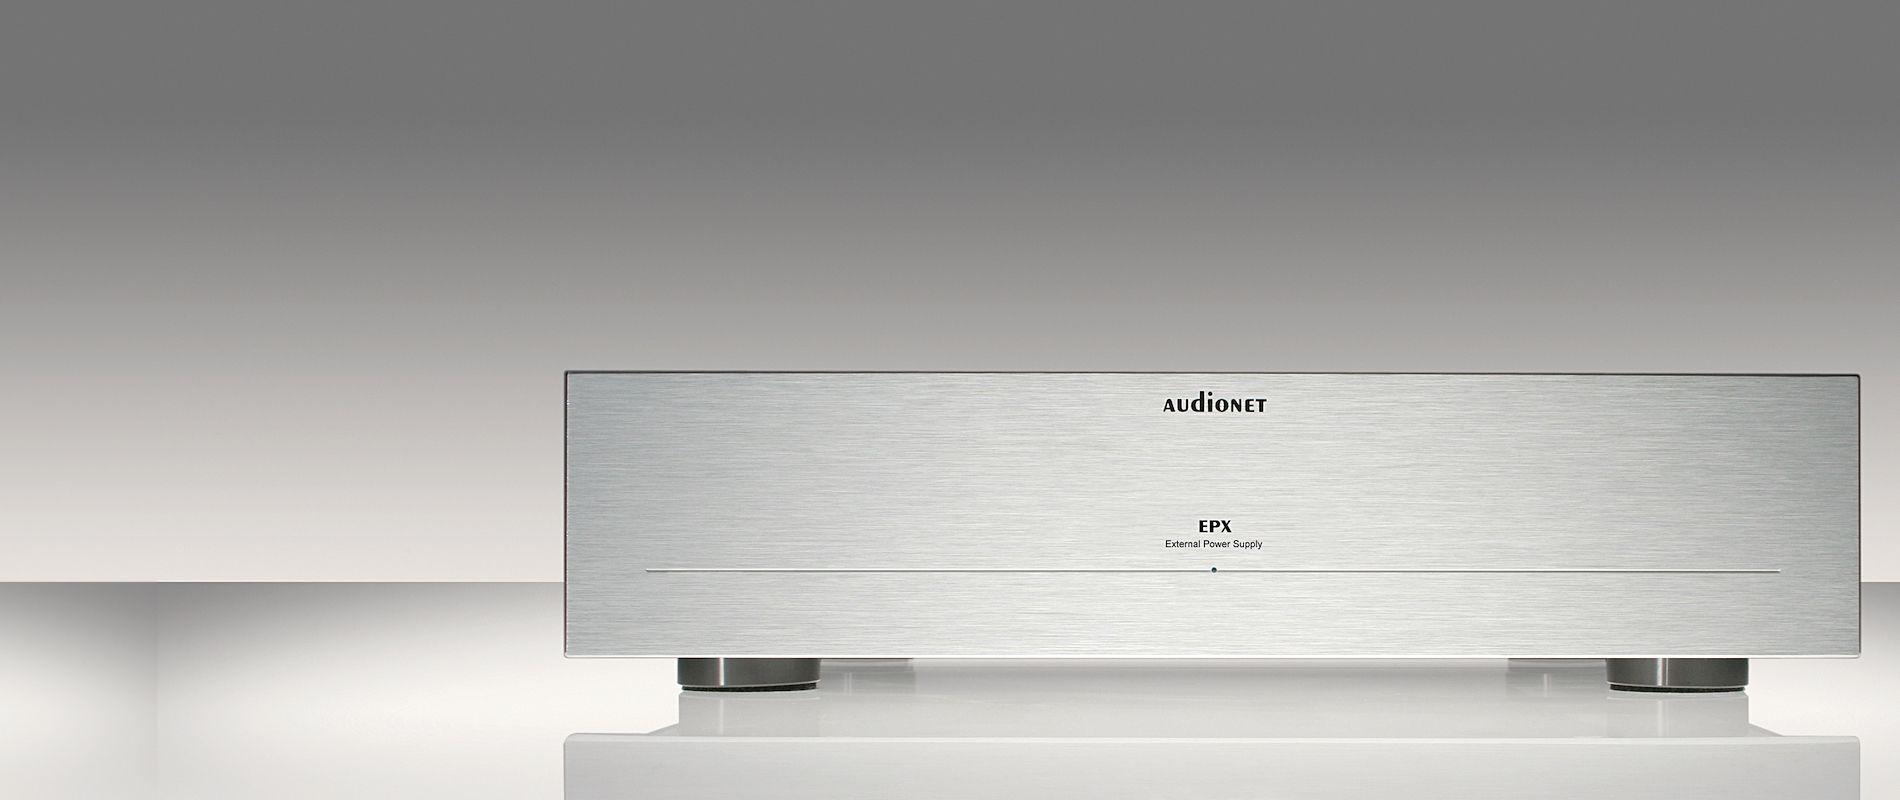 Stromversorgung EPX von Audionet